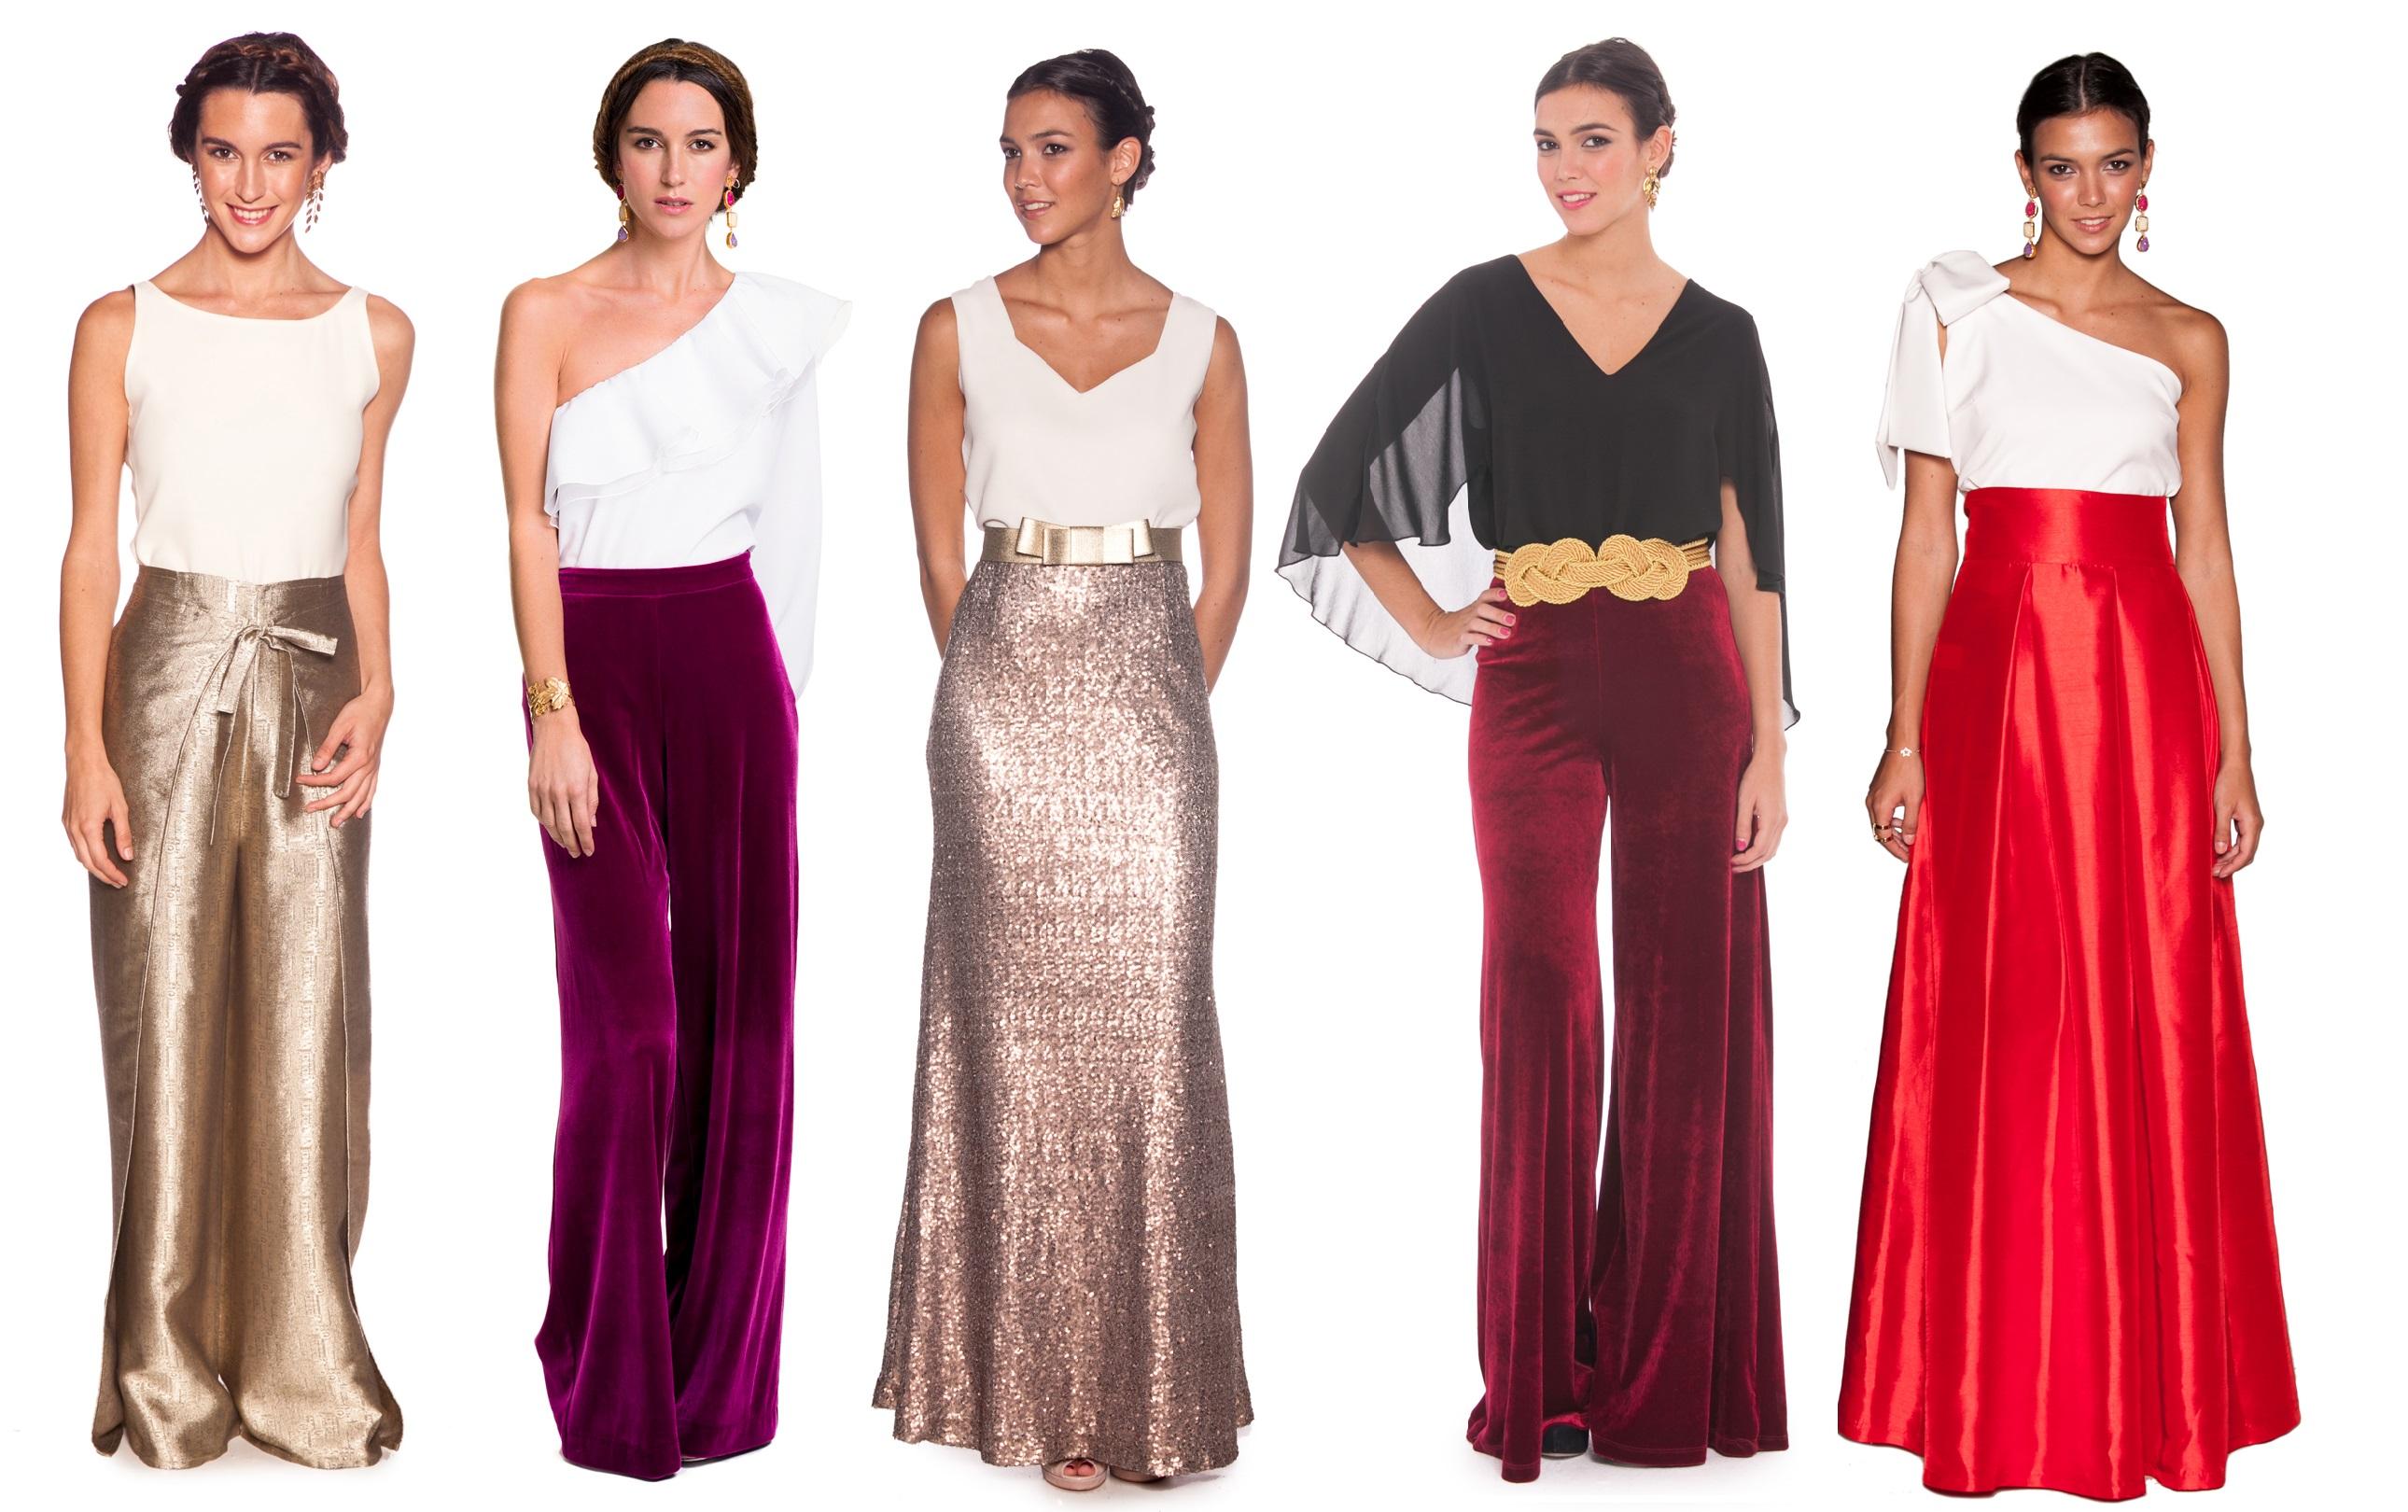 faldas y pantalones para fiestas de navidad de lamasmona.com